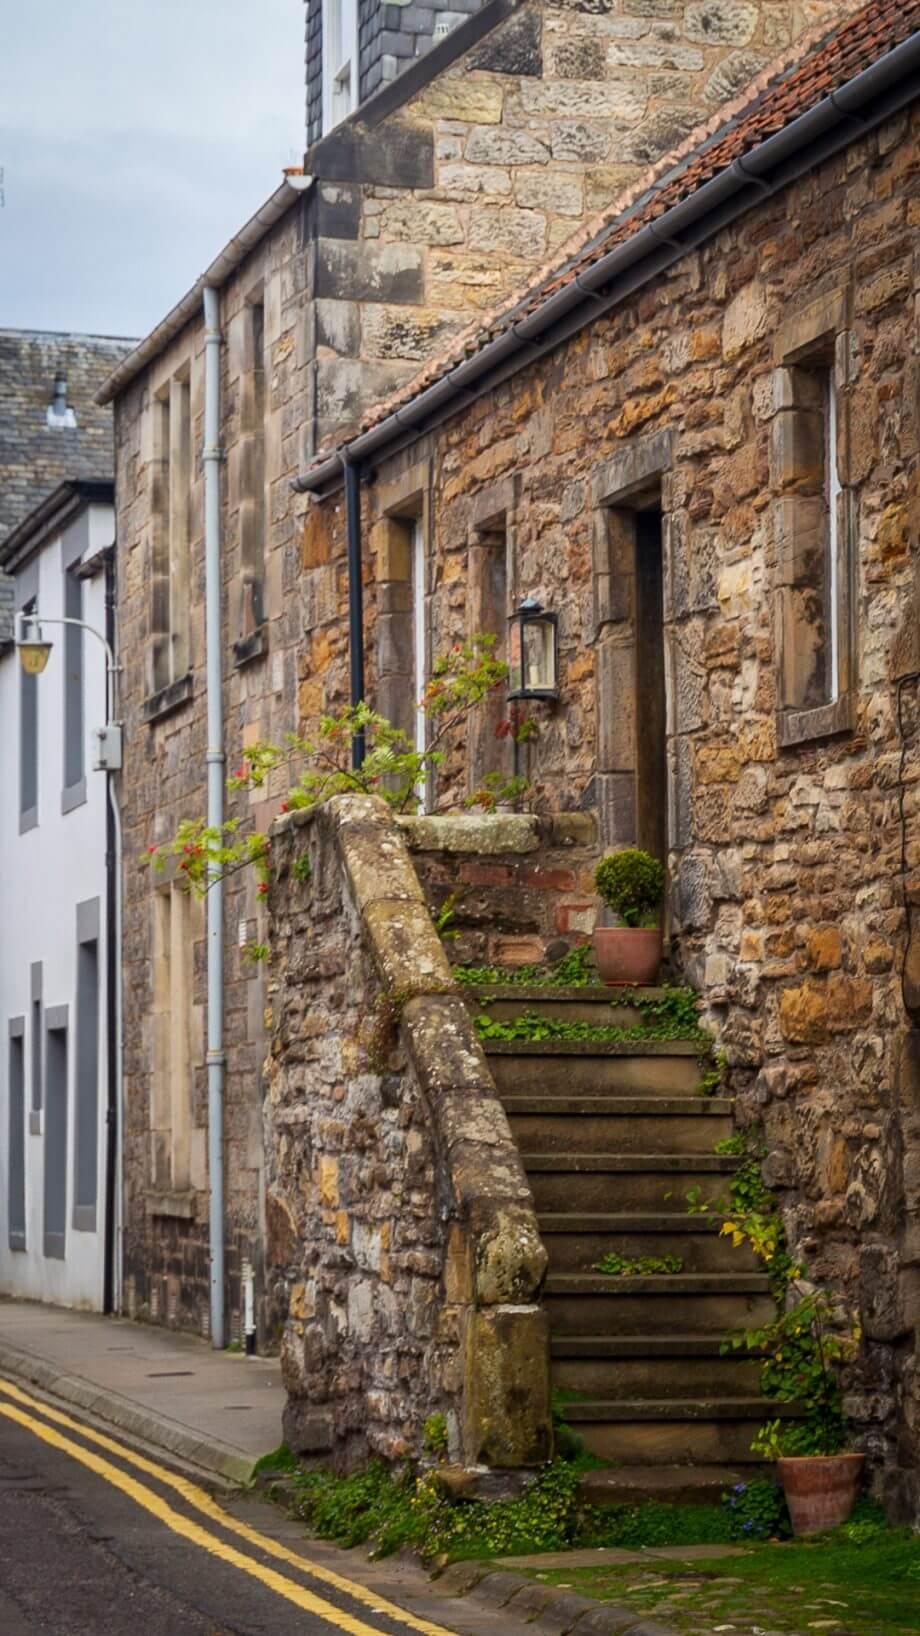 Treppenaufgang an einem alten Haus in St Andrews